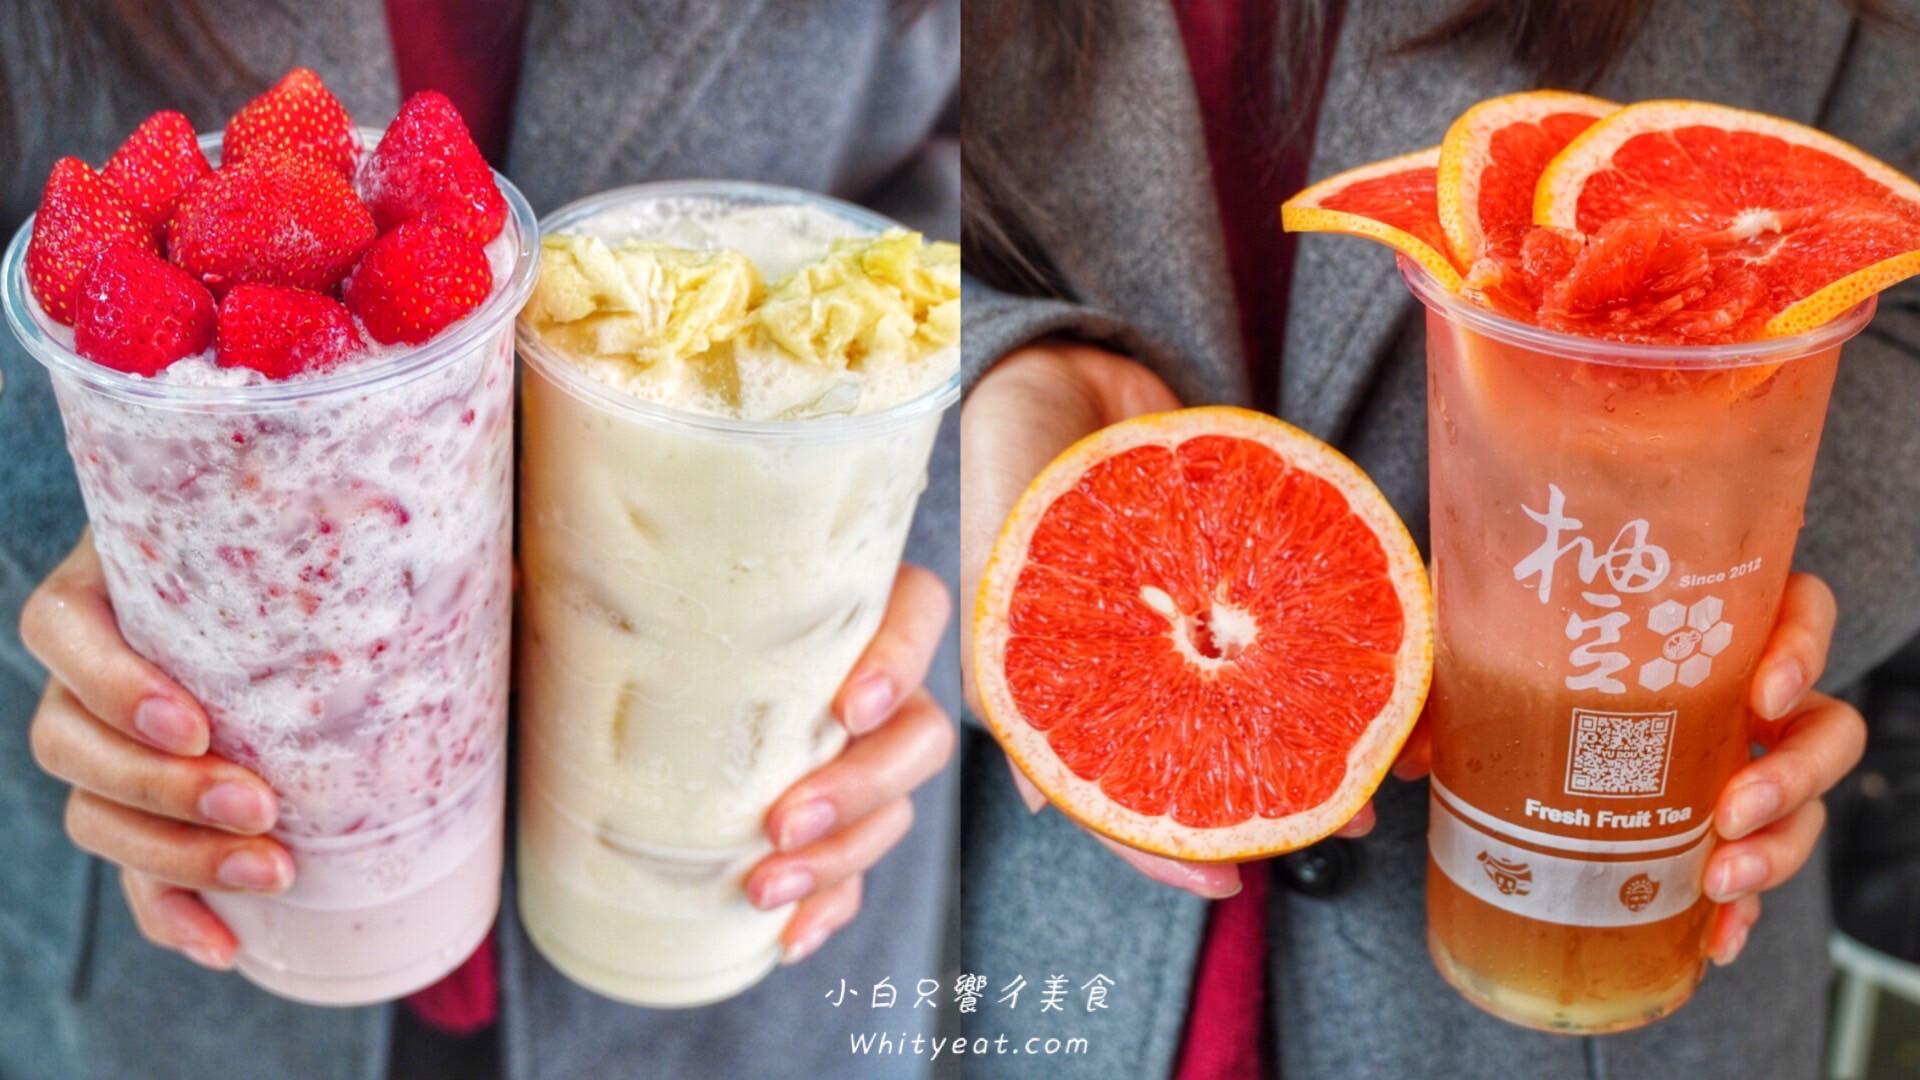 柚豆茶飲青年店 榴槤控注意 ! 你有喝過榴槤牛奶嗎?飲料超過百種選擇凌晨兩點半也喝得到